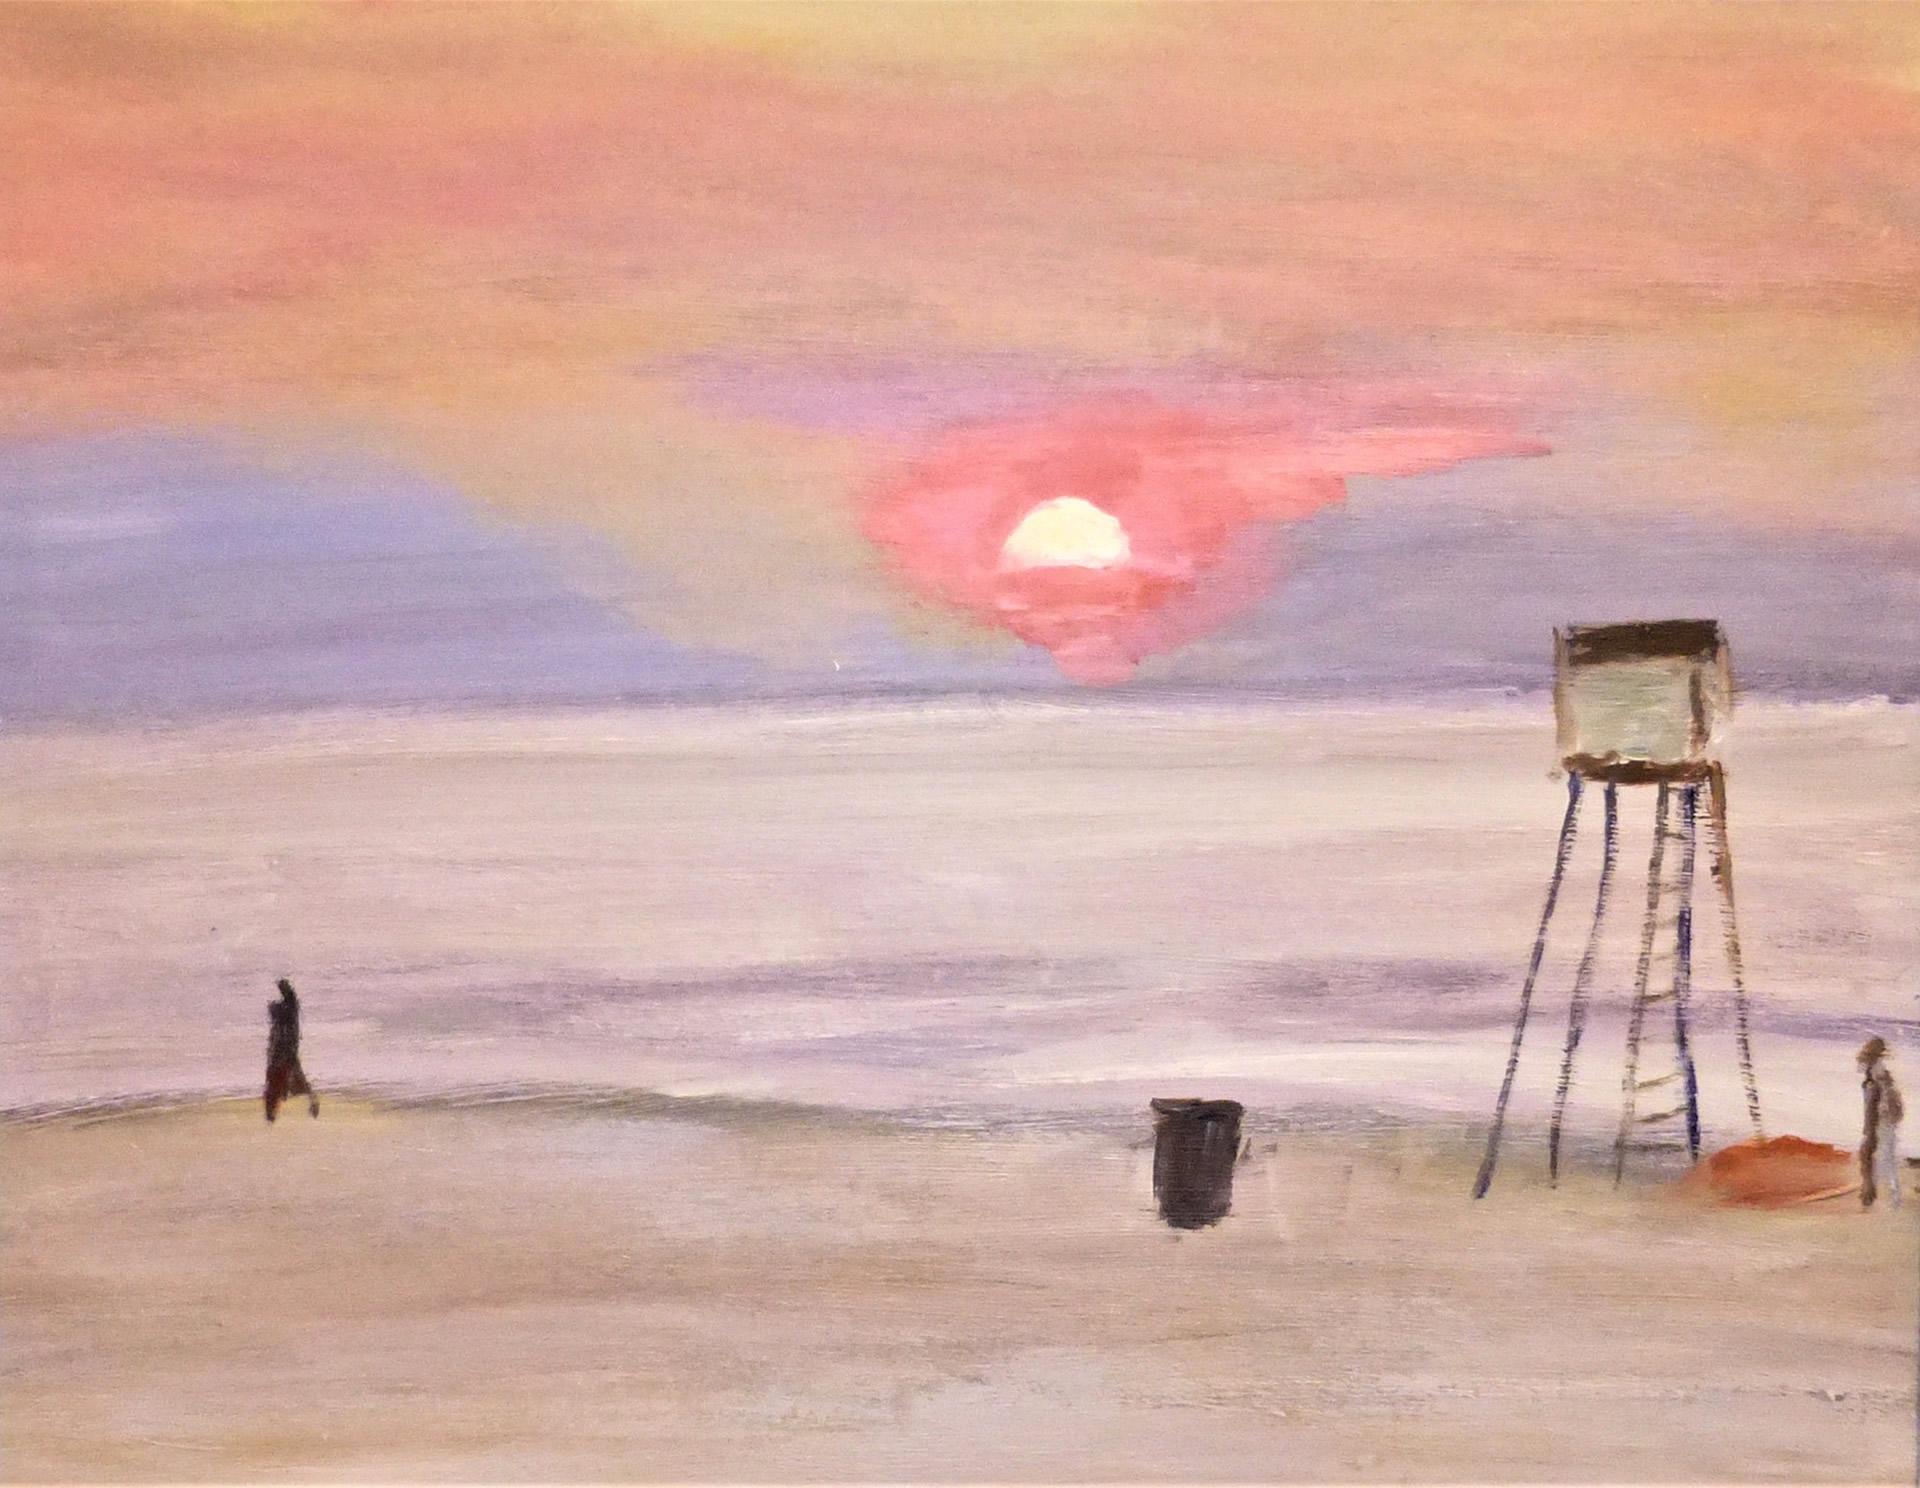 Polen-oostzee-zonsondergang